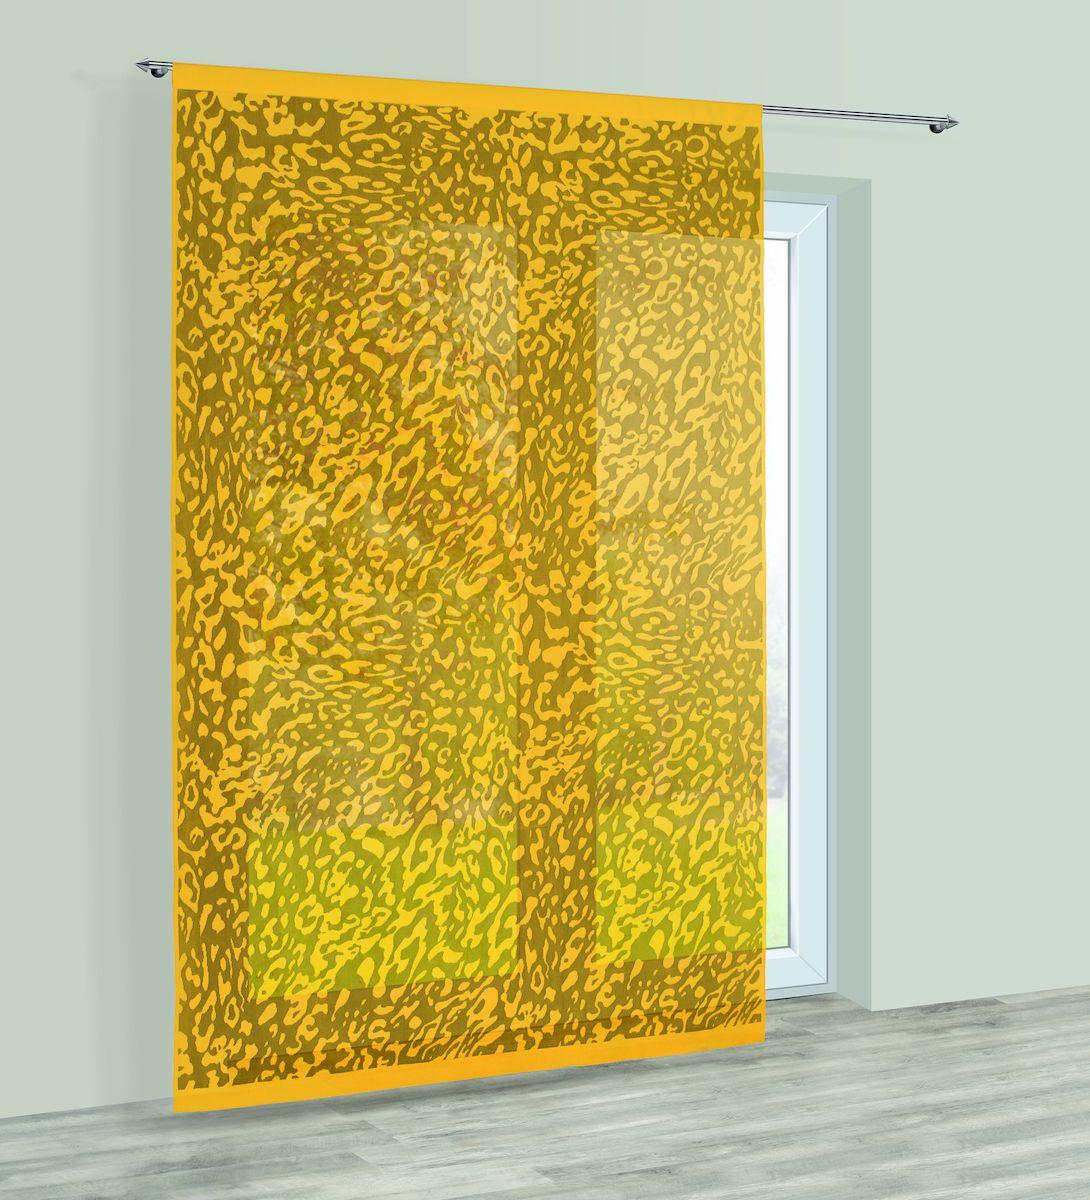 Гардина Haft, на кулиске, цвет: желтый, высота 250 см. 2285403111855140Гардина Haft великолепно украсит любое окно. Изделие выполнено из полиэстера и декорировано под окрас животного.Изделие имеет оригинальный дизайн и органично впишется в интерьер помещения.Гардина крепится на карниз при помощи кулиски.